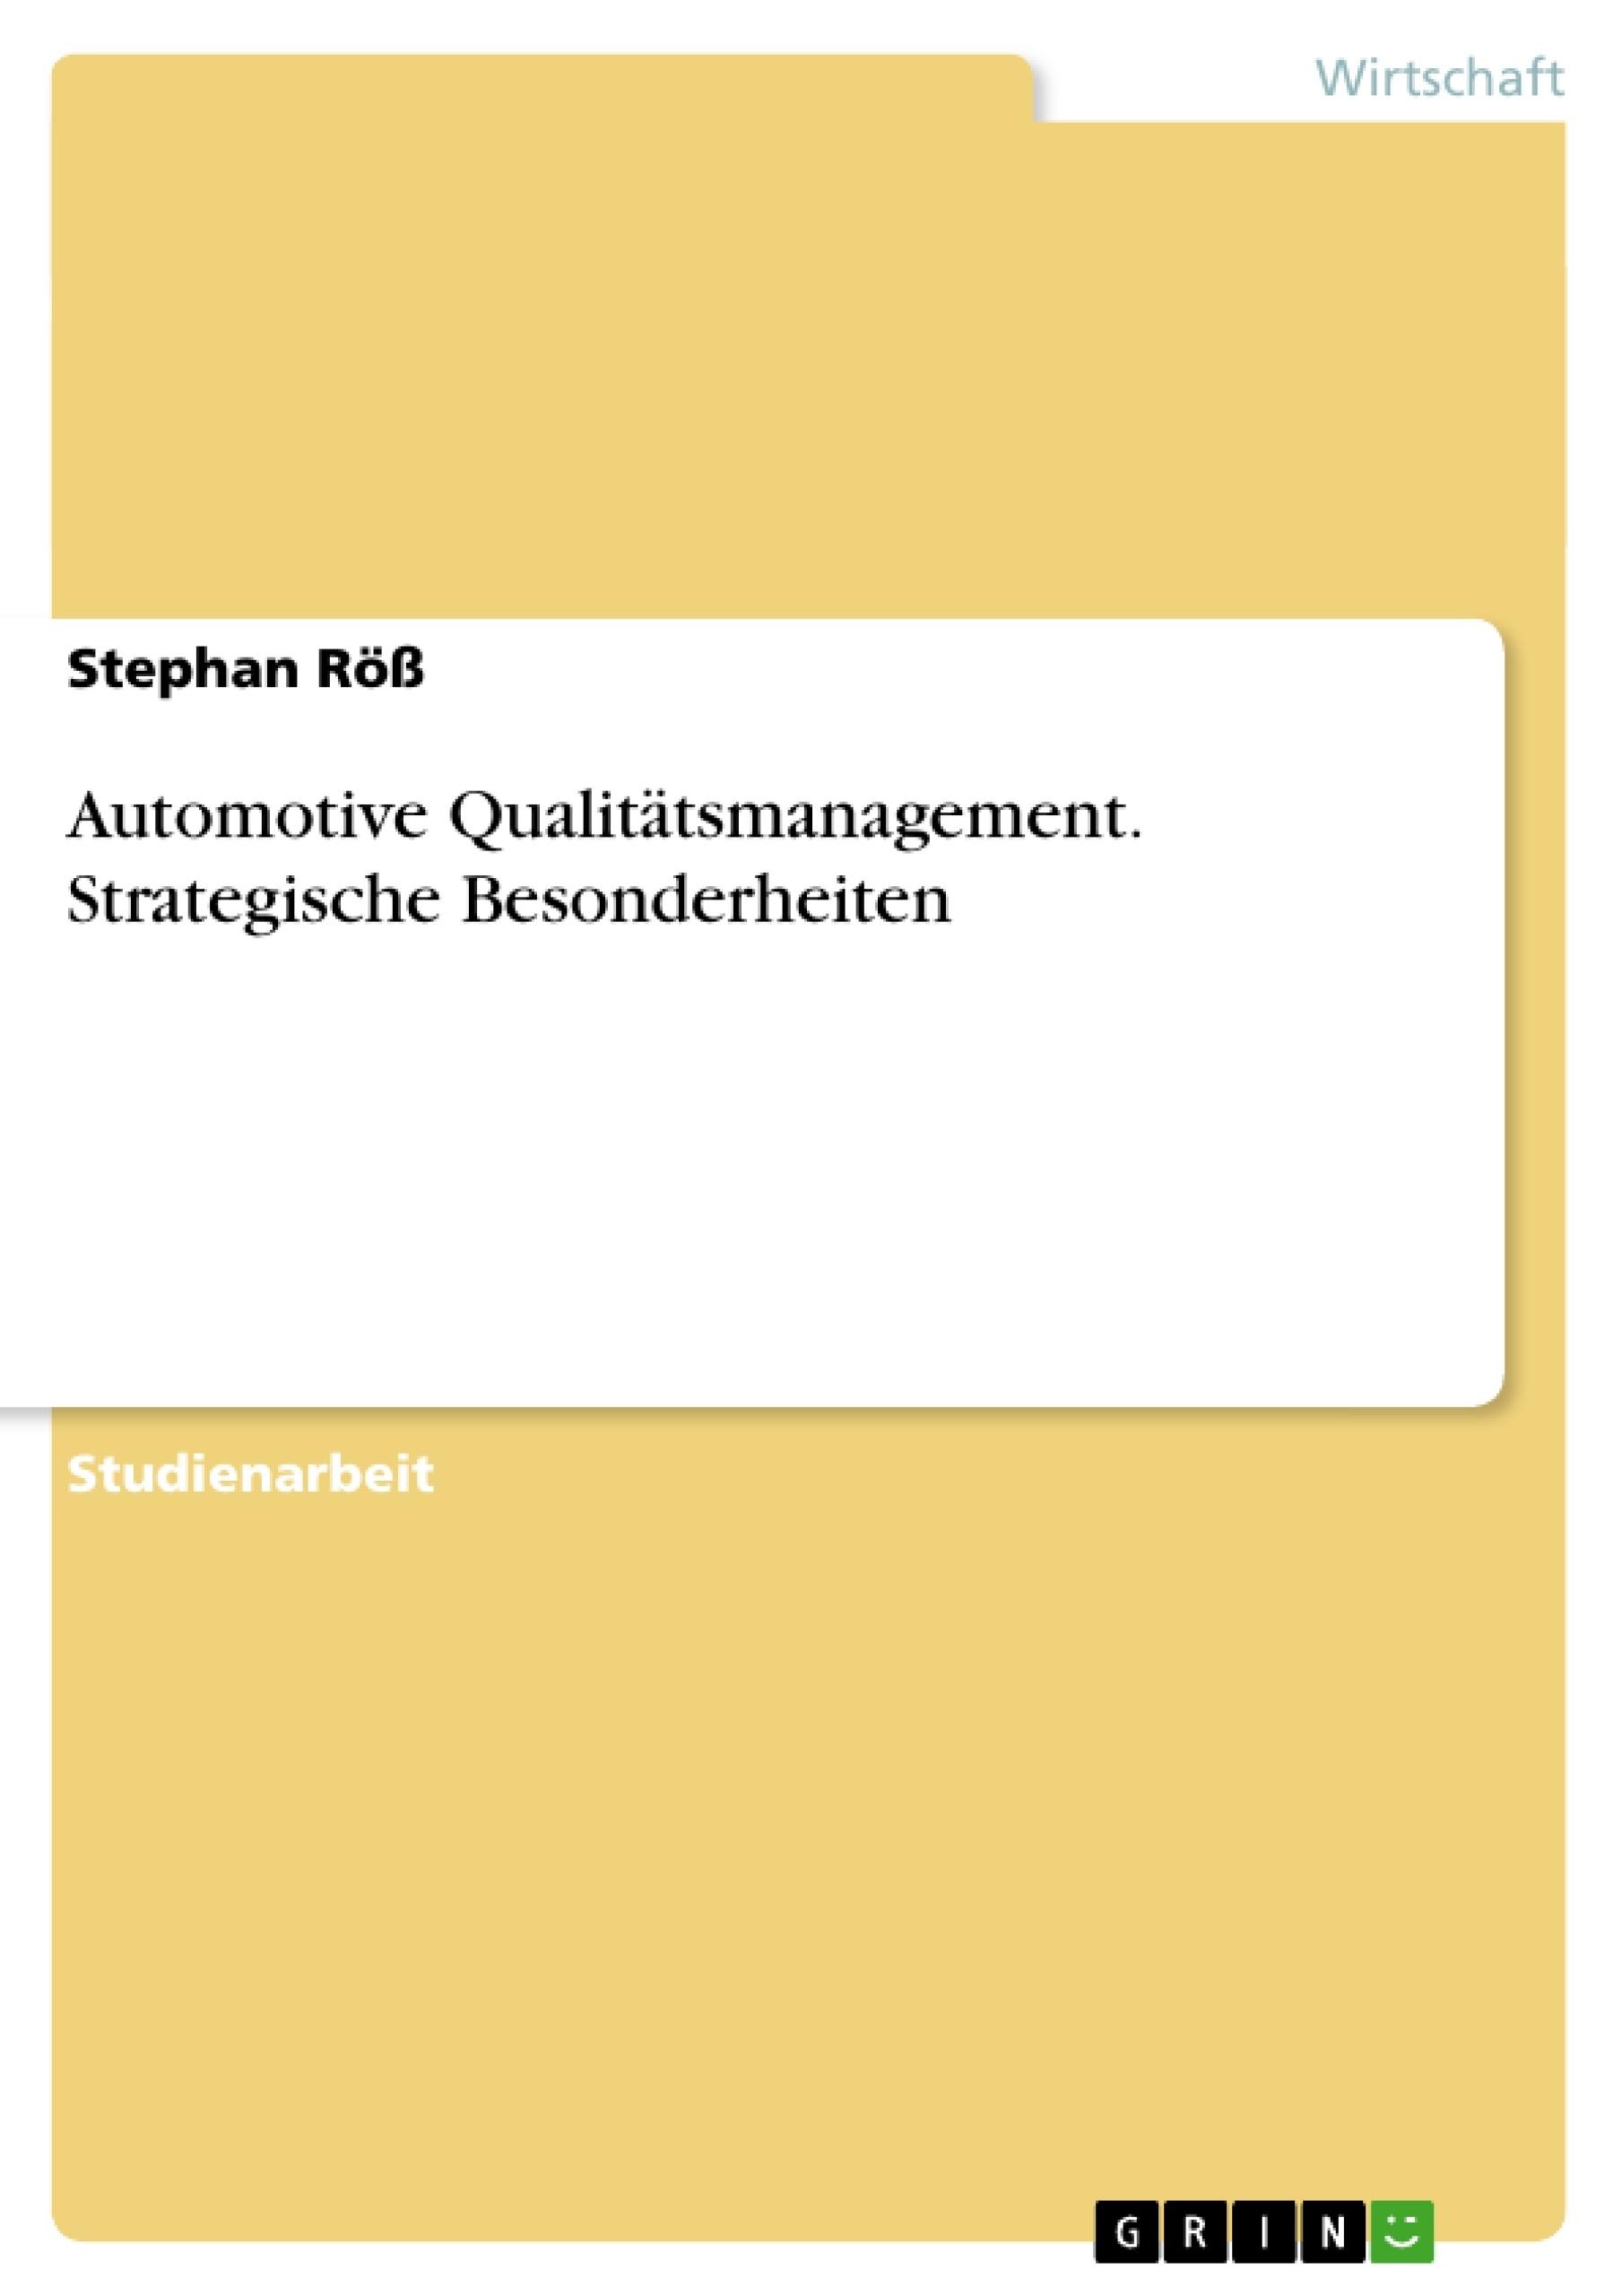 Titel: Automotive Qualitätsmanagement. Strategische Besonderheiten